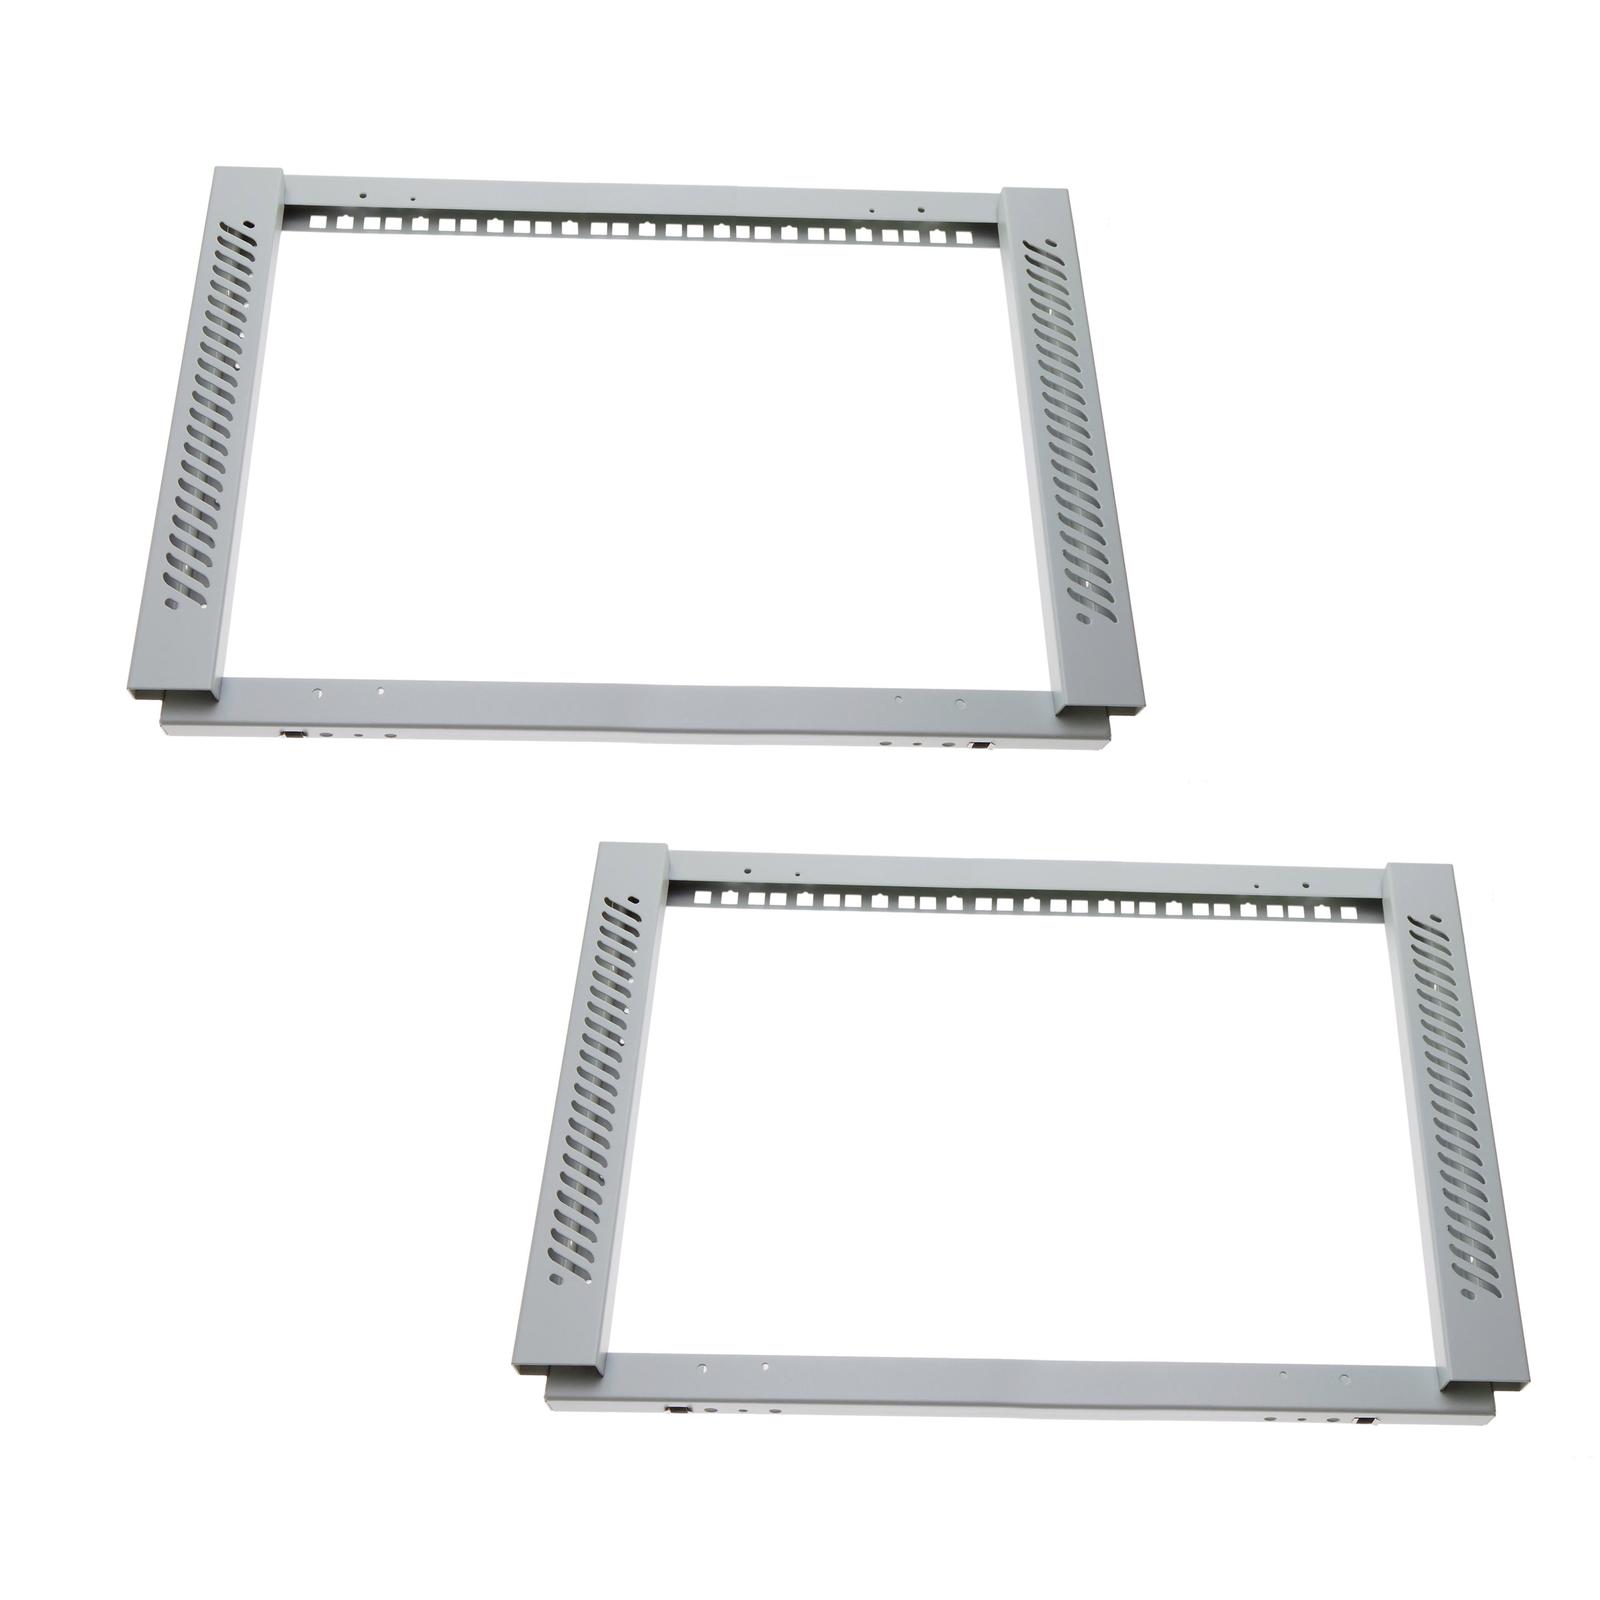 RackMatic Rack Schrank 19 15HE Wandbild 600x450x775mm SOHOrack ASW DIY